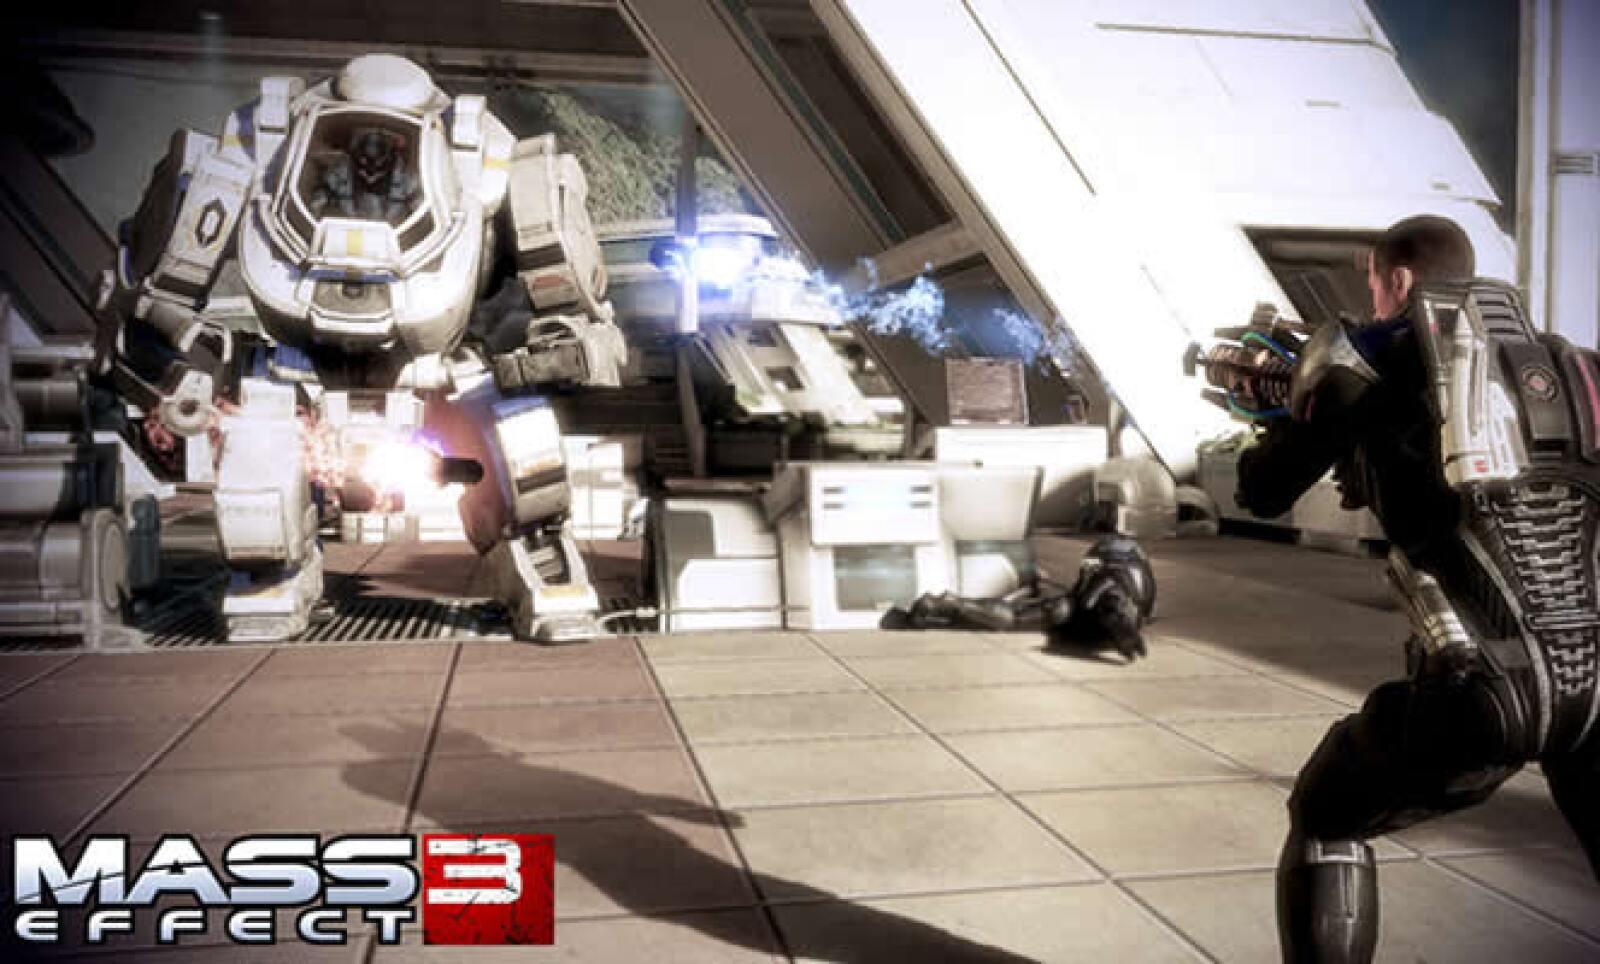 El cierre de la trilogía de uno de los mayores RPG de la historia. El comandante Sheppard tendrá que salvar la tierra, una última vez.